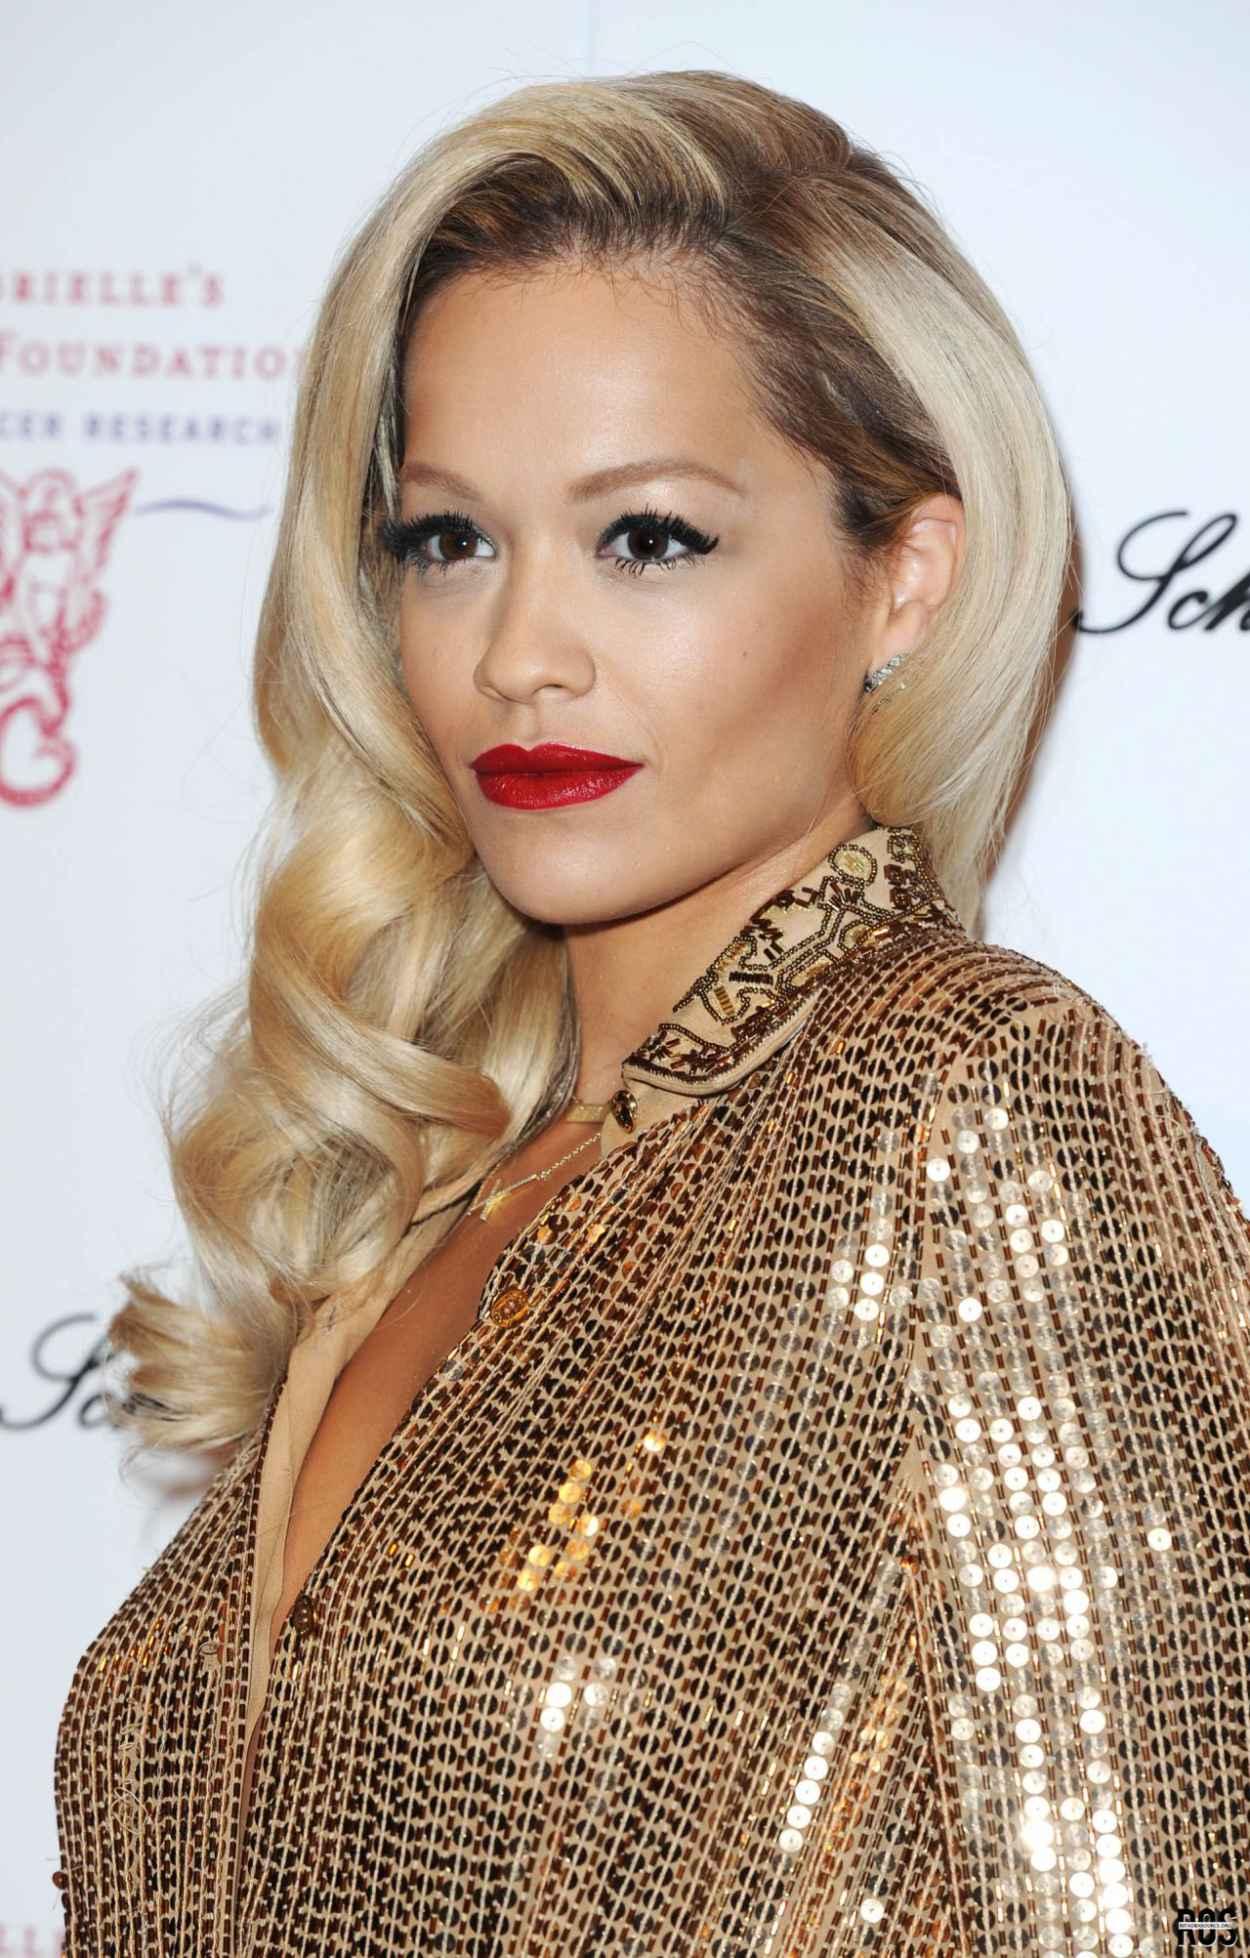 Emilio Pucci to dress Rita Ora on tour